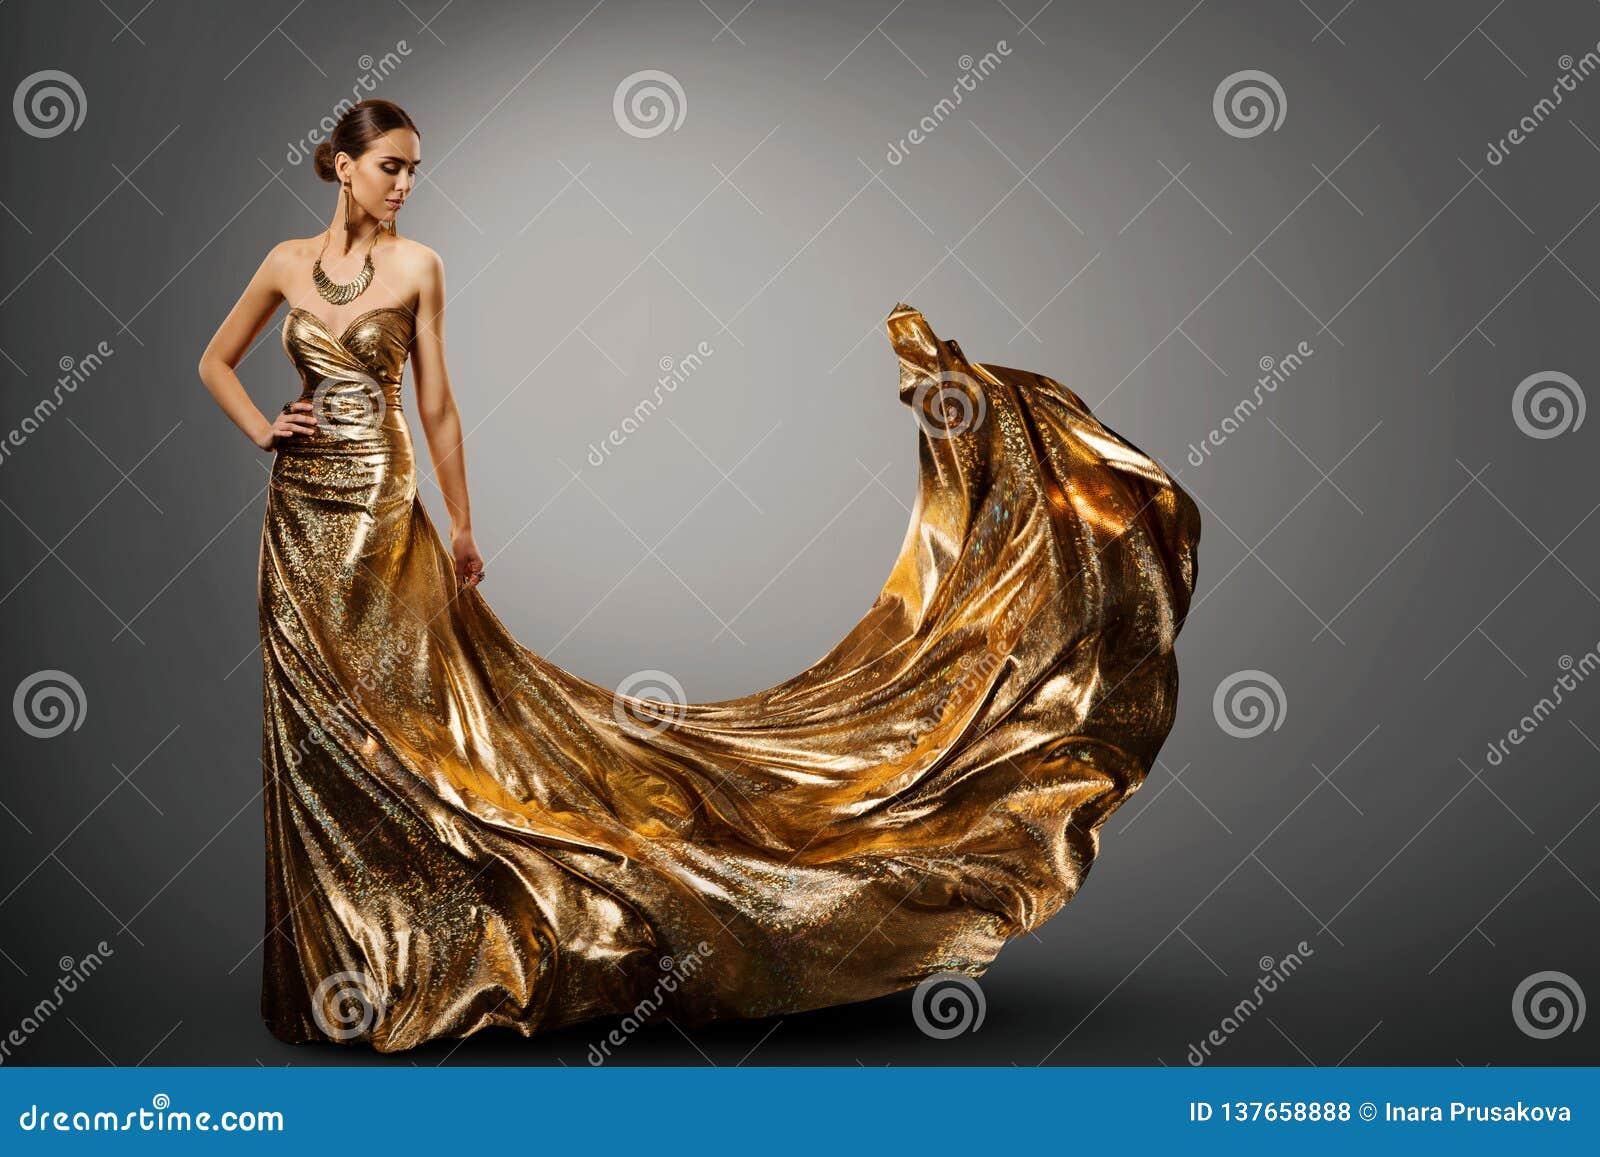 73f1caa70d Vestito Dall'oro Della Donna, Modello Di Moda In Abito D ...